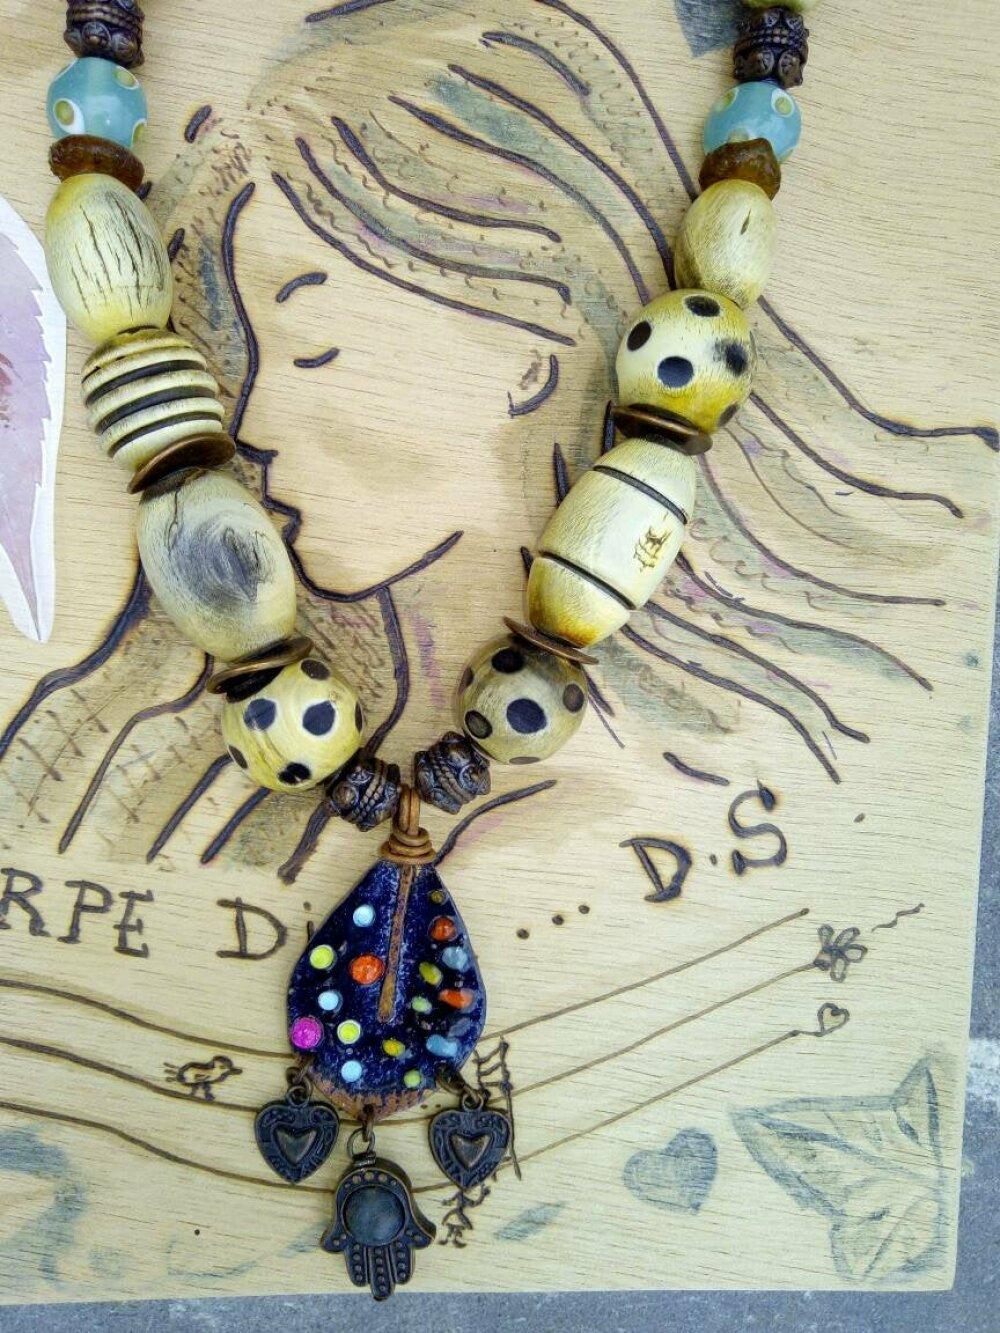 collier style ethnique - bohème perle en bois africaine  artisanal  - pendentif émaillé- perles artisanales indiennes,